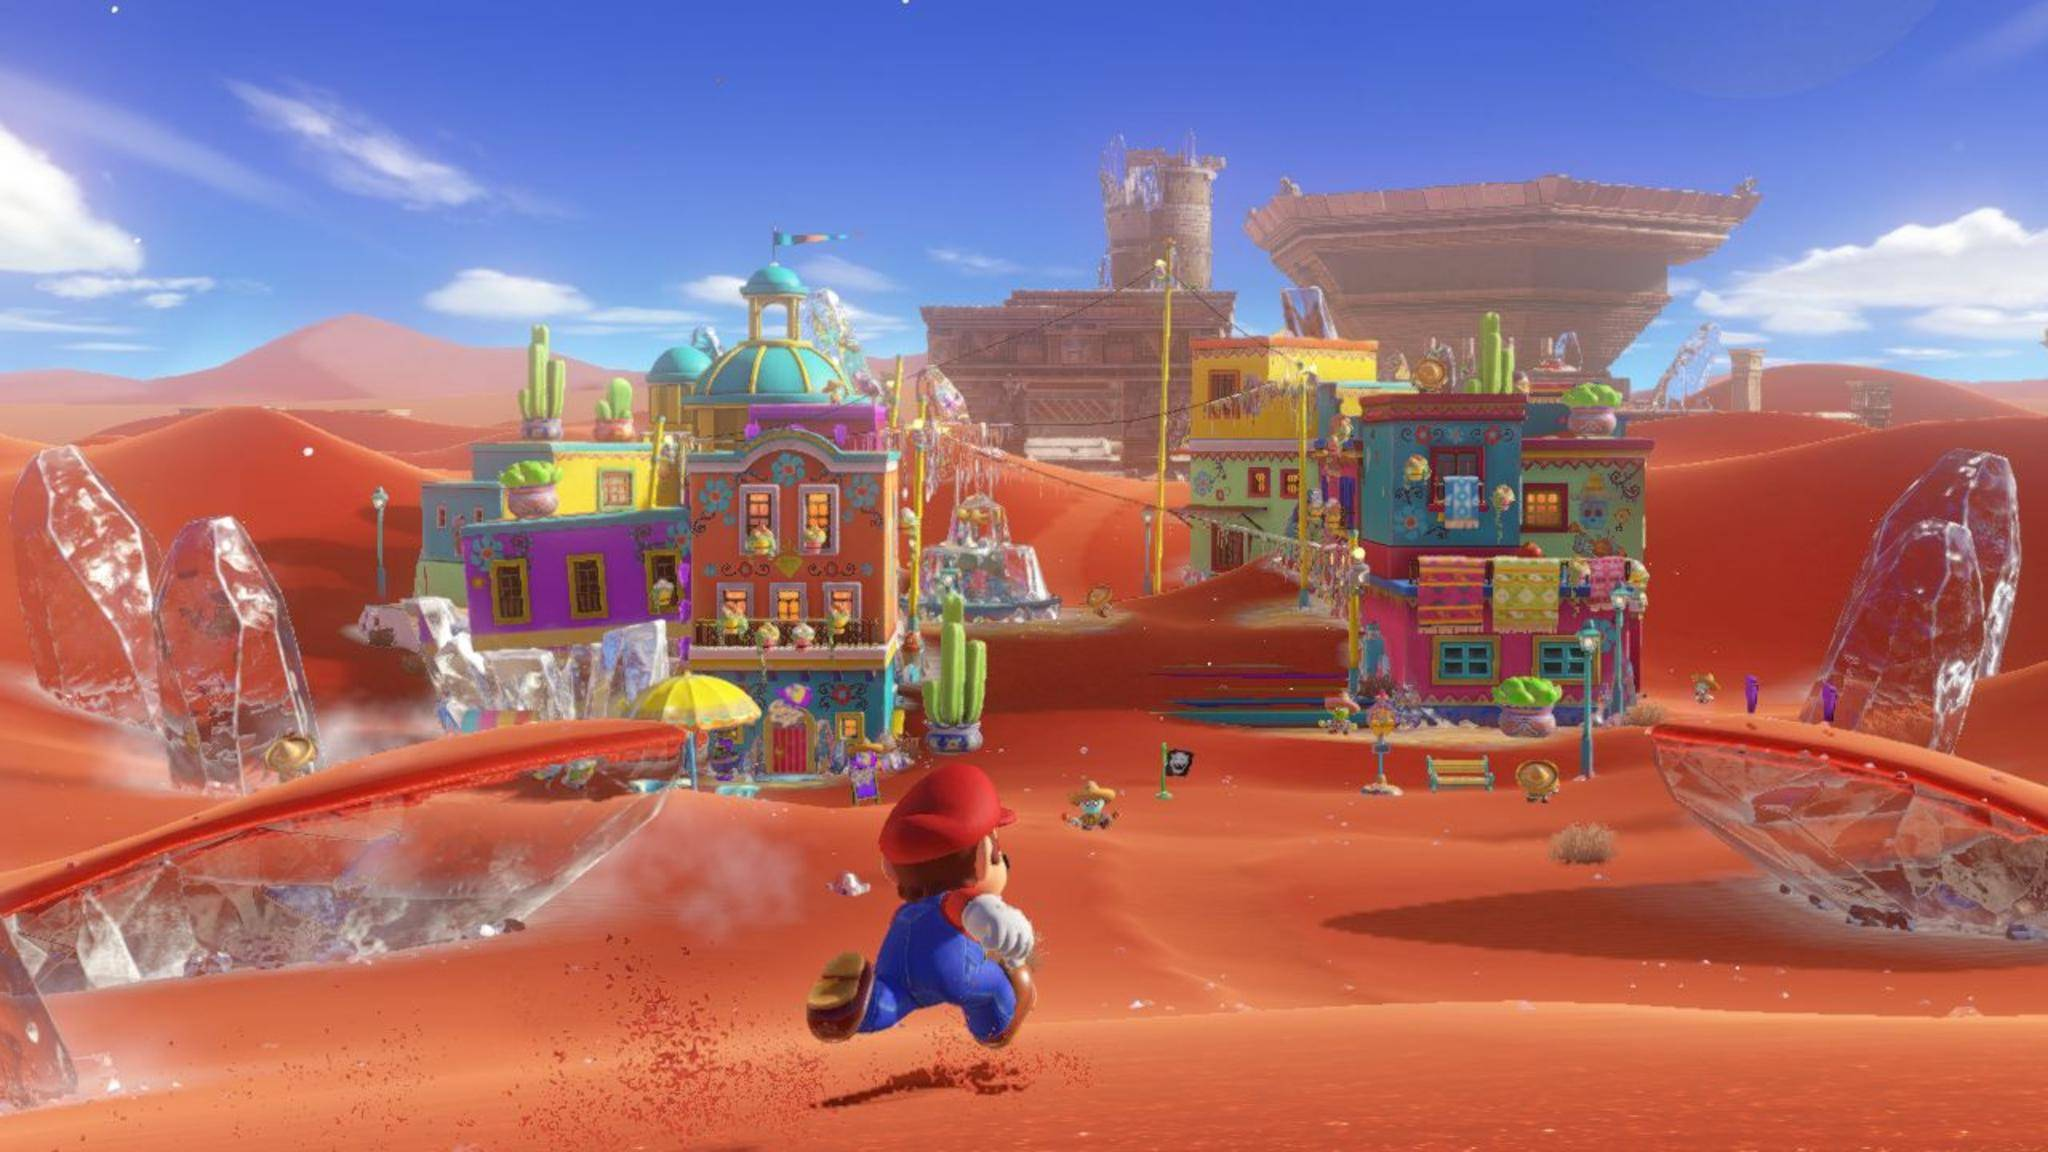 """Mario begibt sich in """"Super Mario Odyssey"""" auf eine ziemlich skurrile Reise mit noch skurrileren Fähigkeiten."""